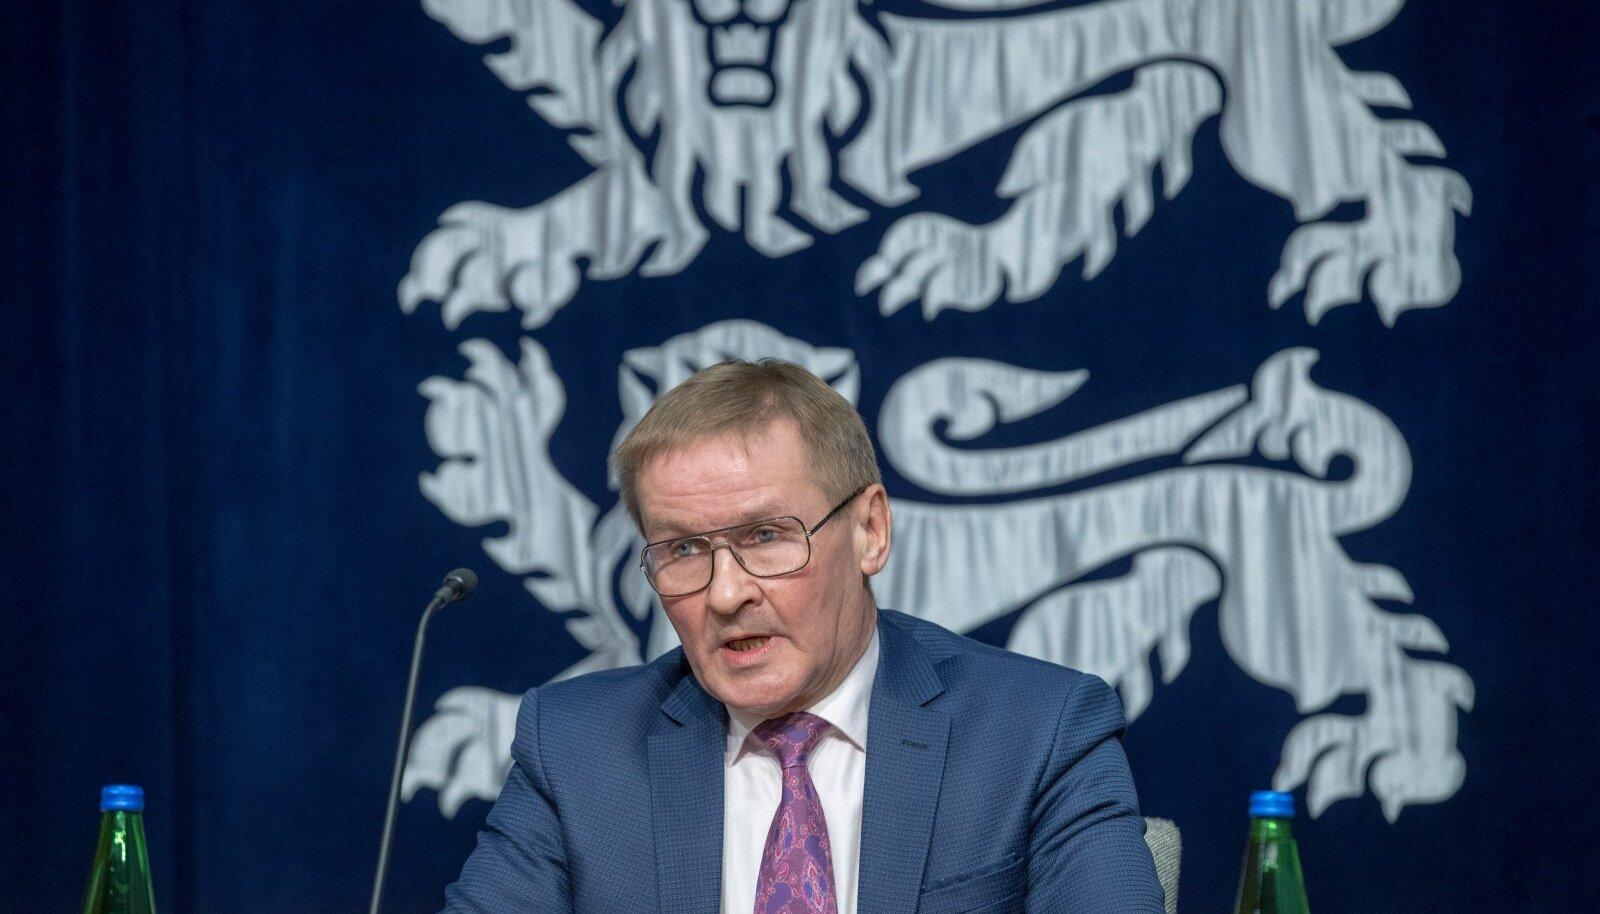 Valitsuse pressikonverents 28.01.21, Jaak Aab